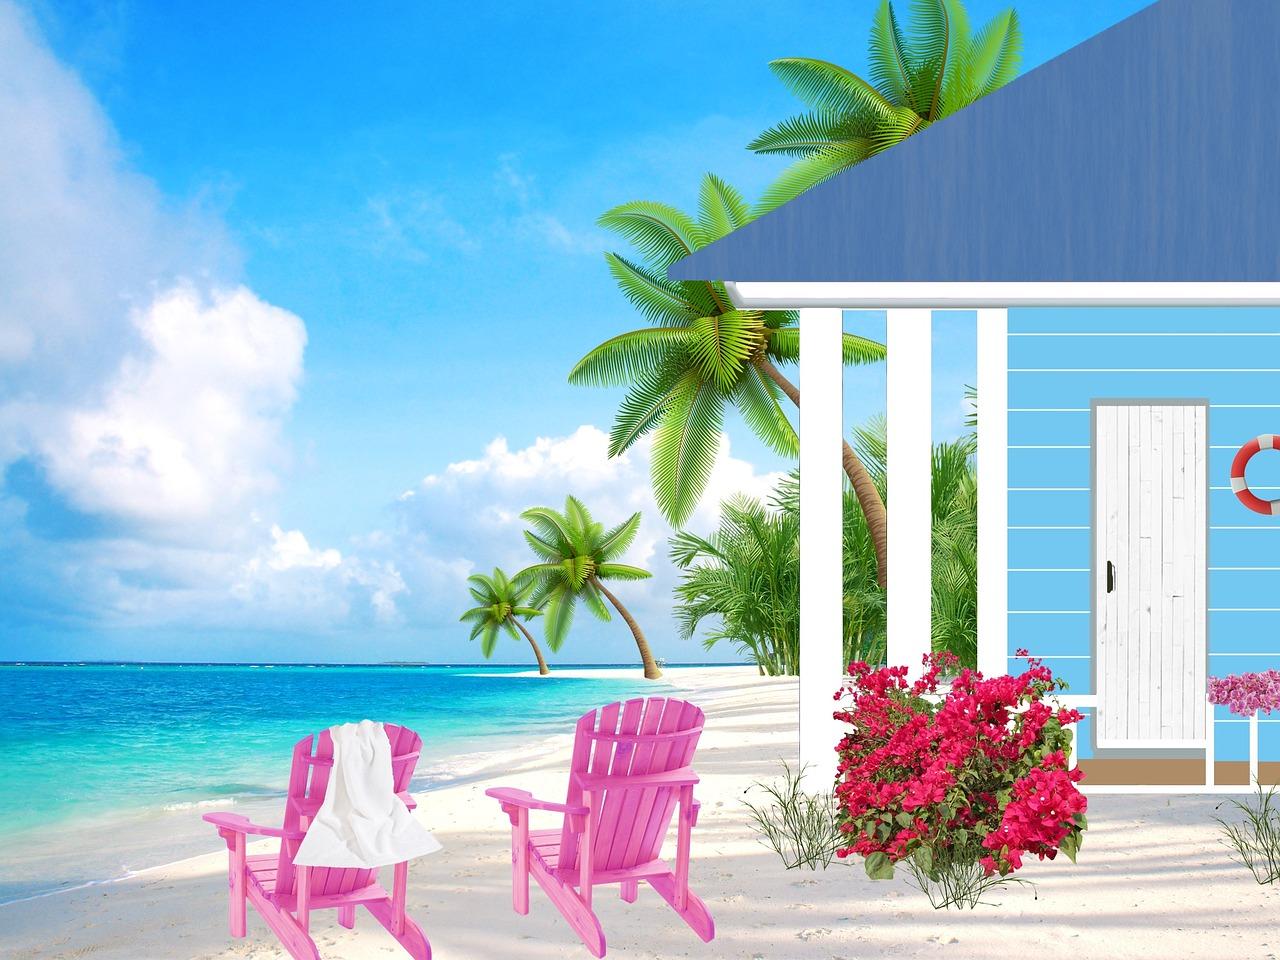 5 astuces pour acquérir un bien immobilier en bord de mer